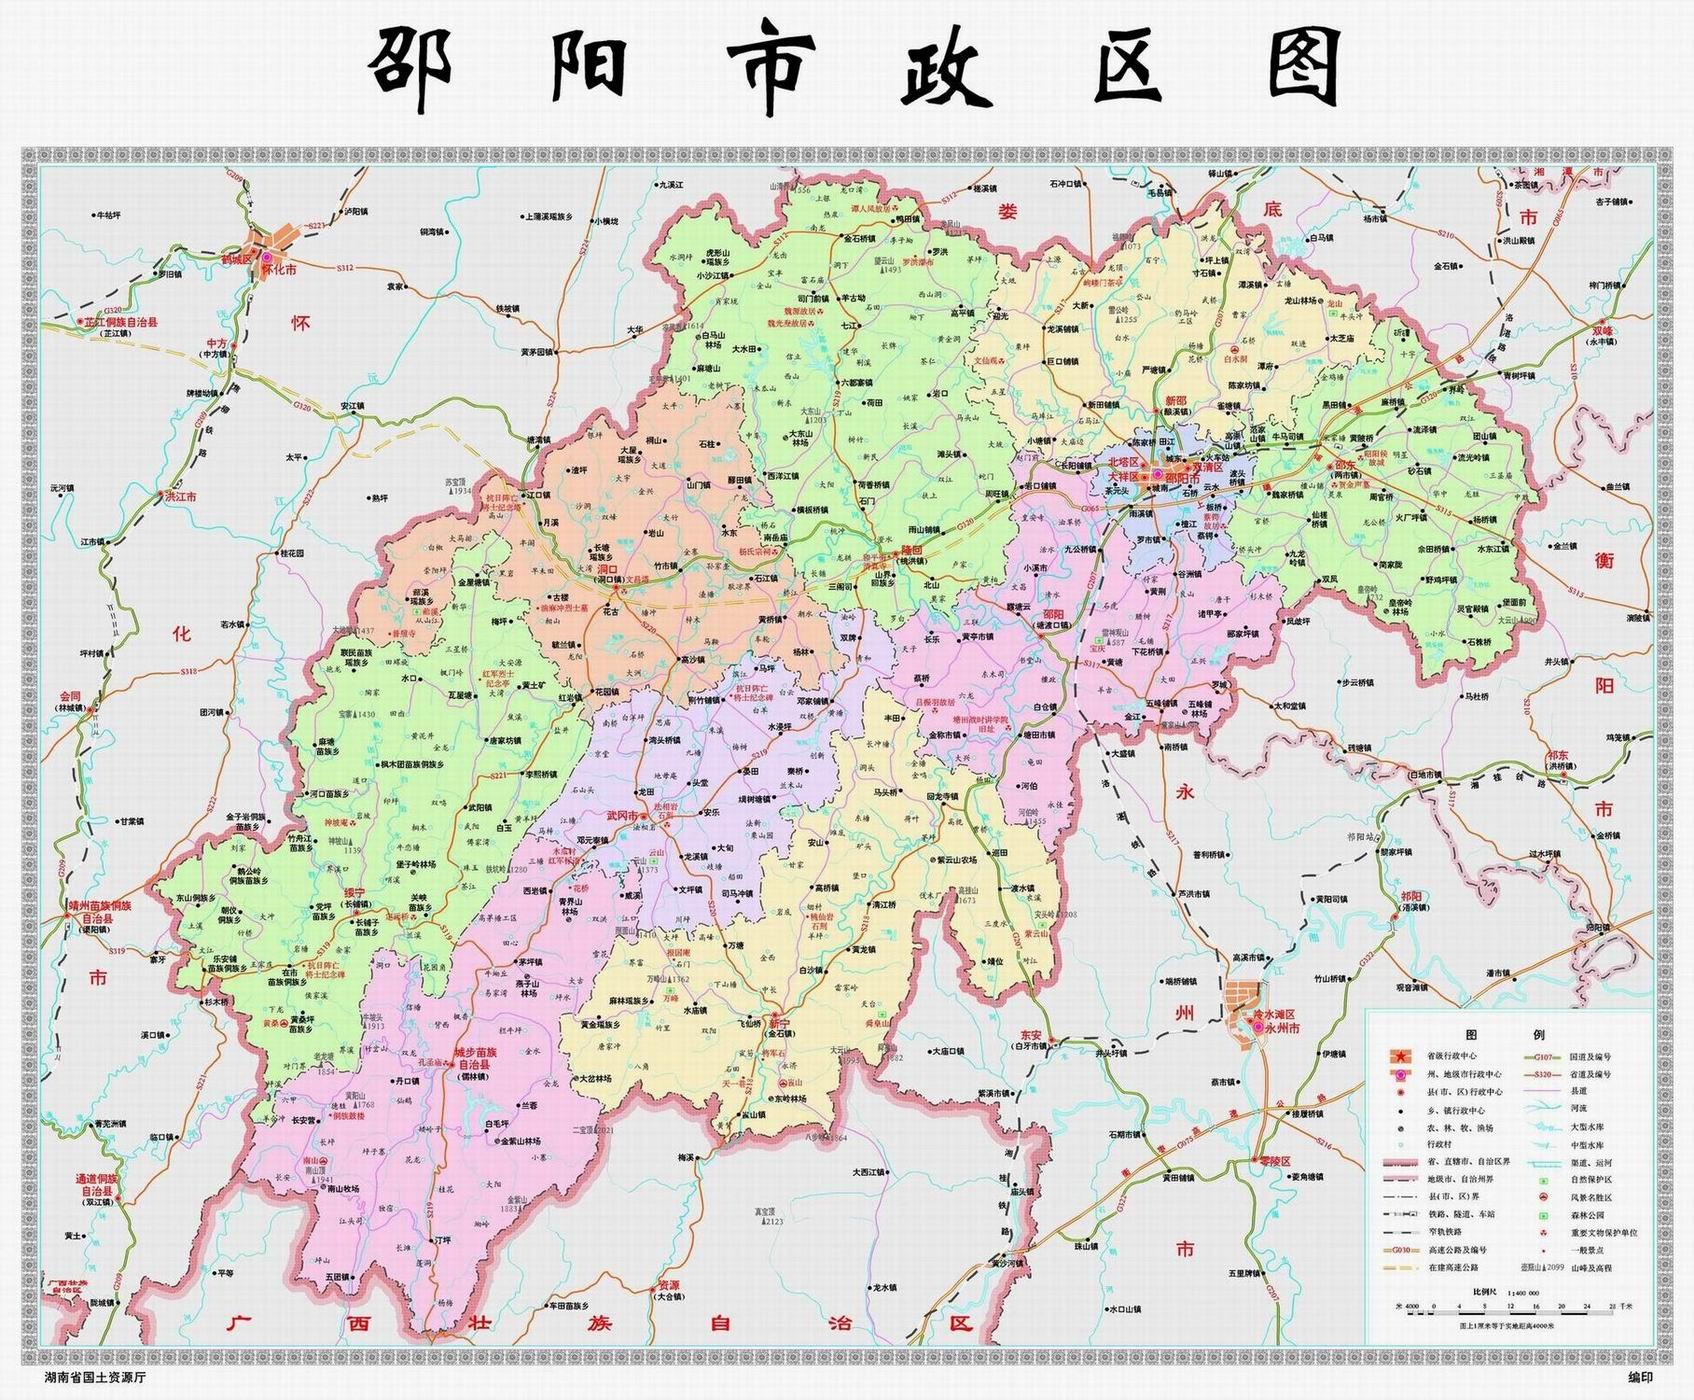 邵阳市地图_邵阳风光_邵阳论坛